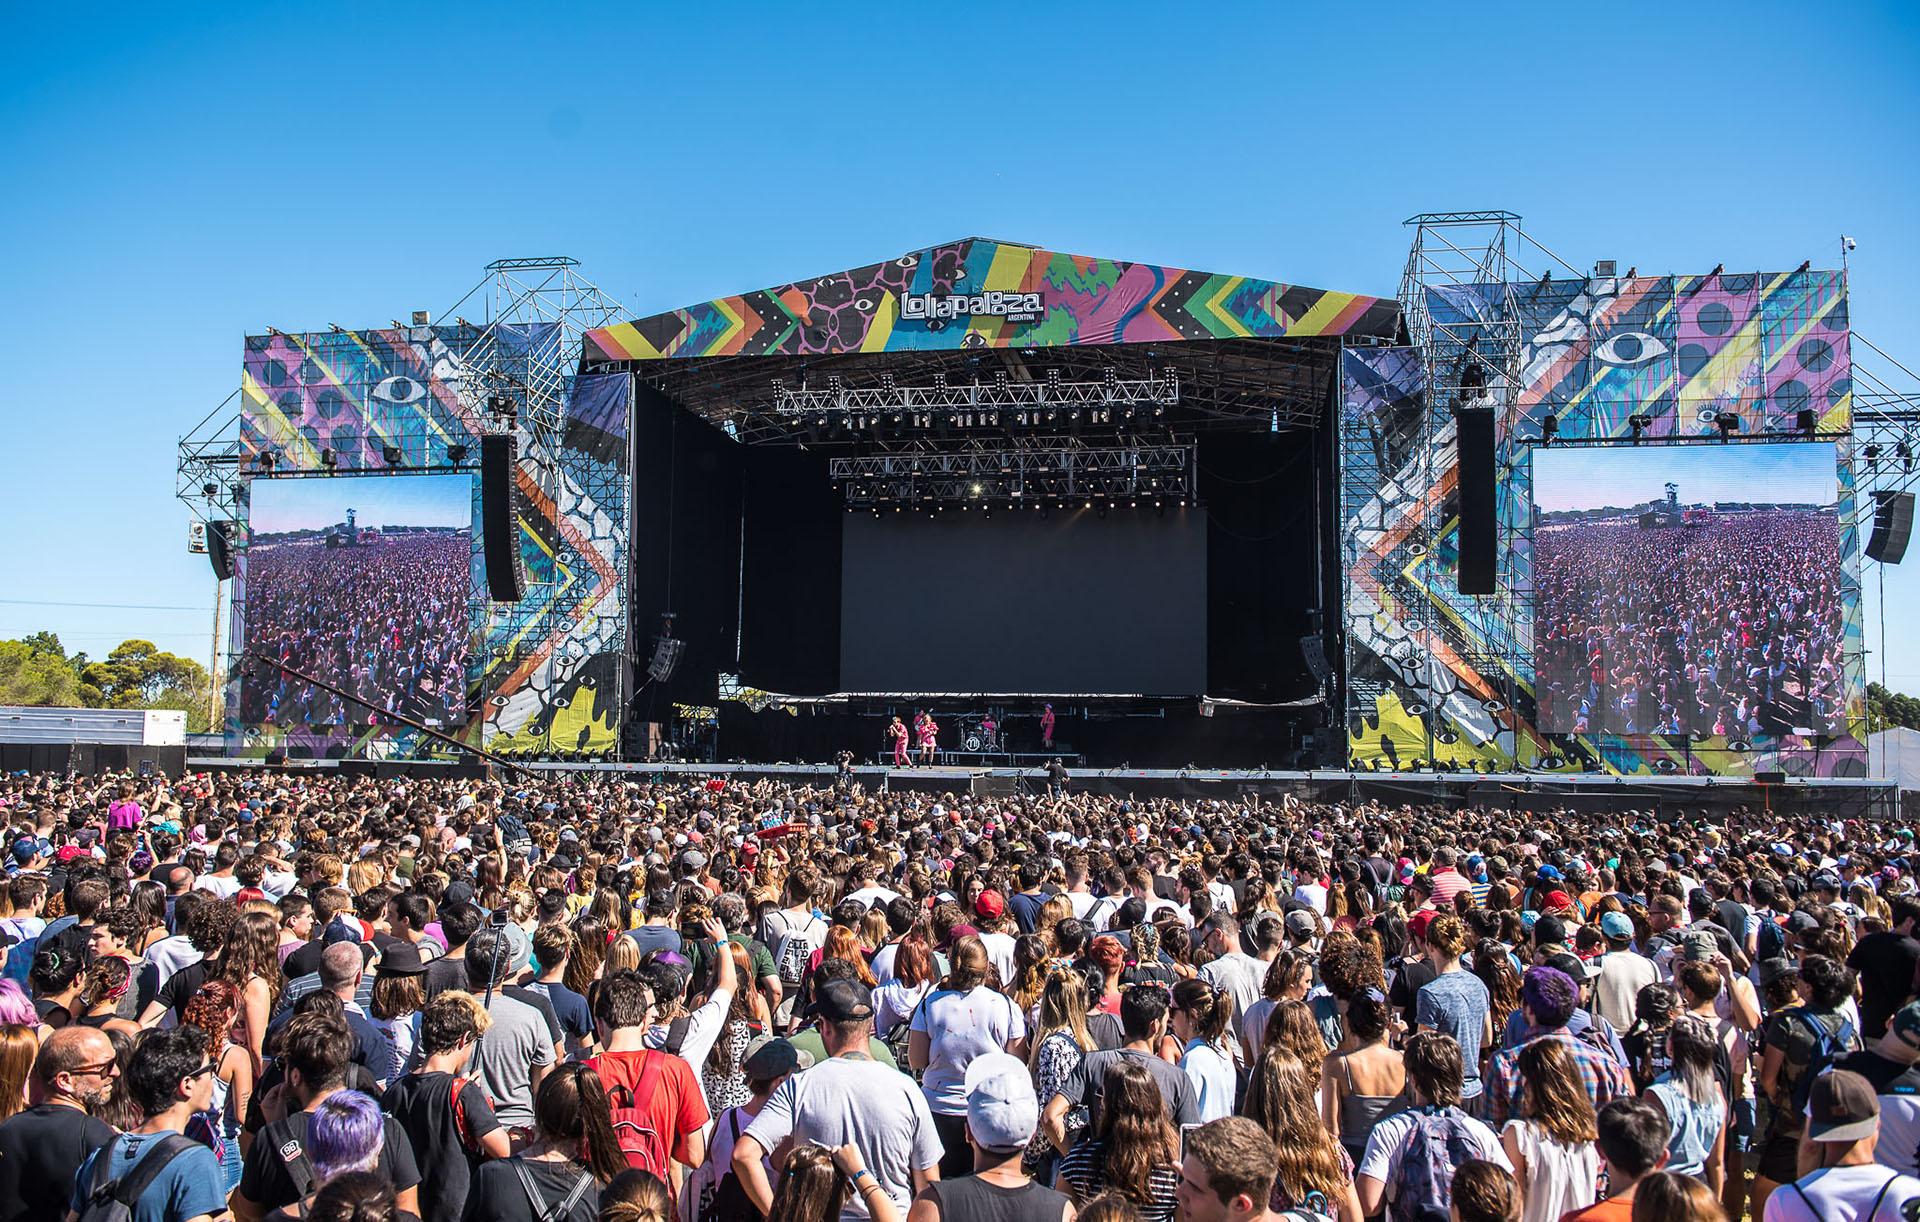 Uno de los escenarios del Lollapalooza 2018